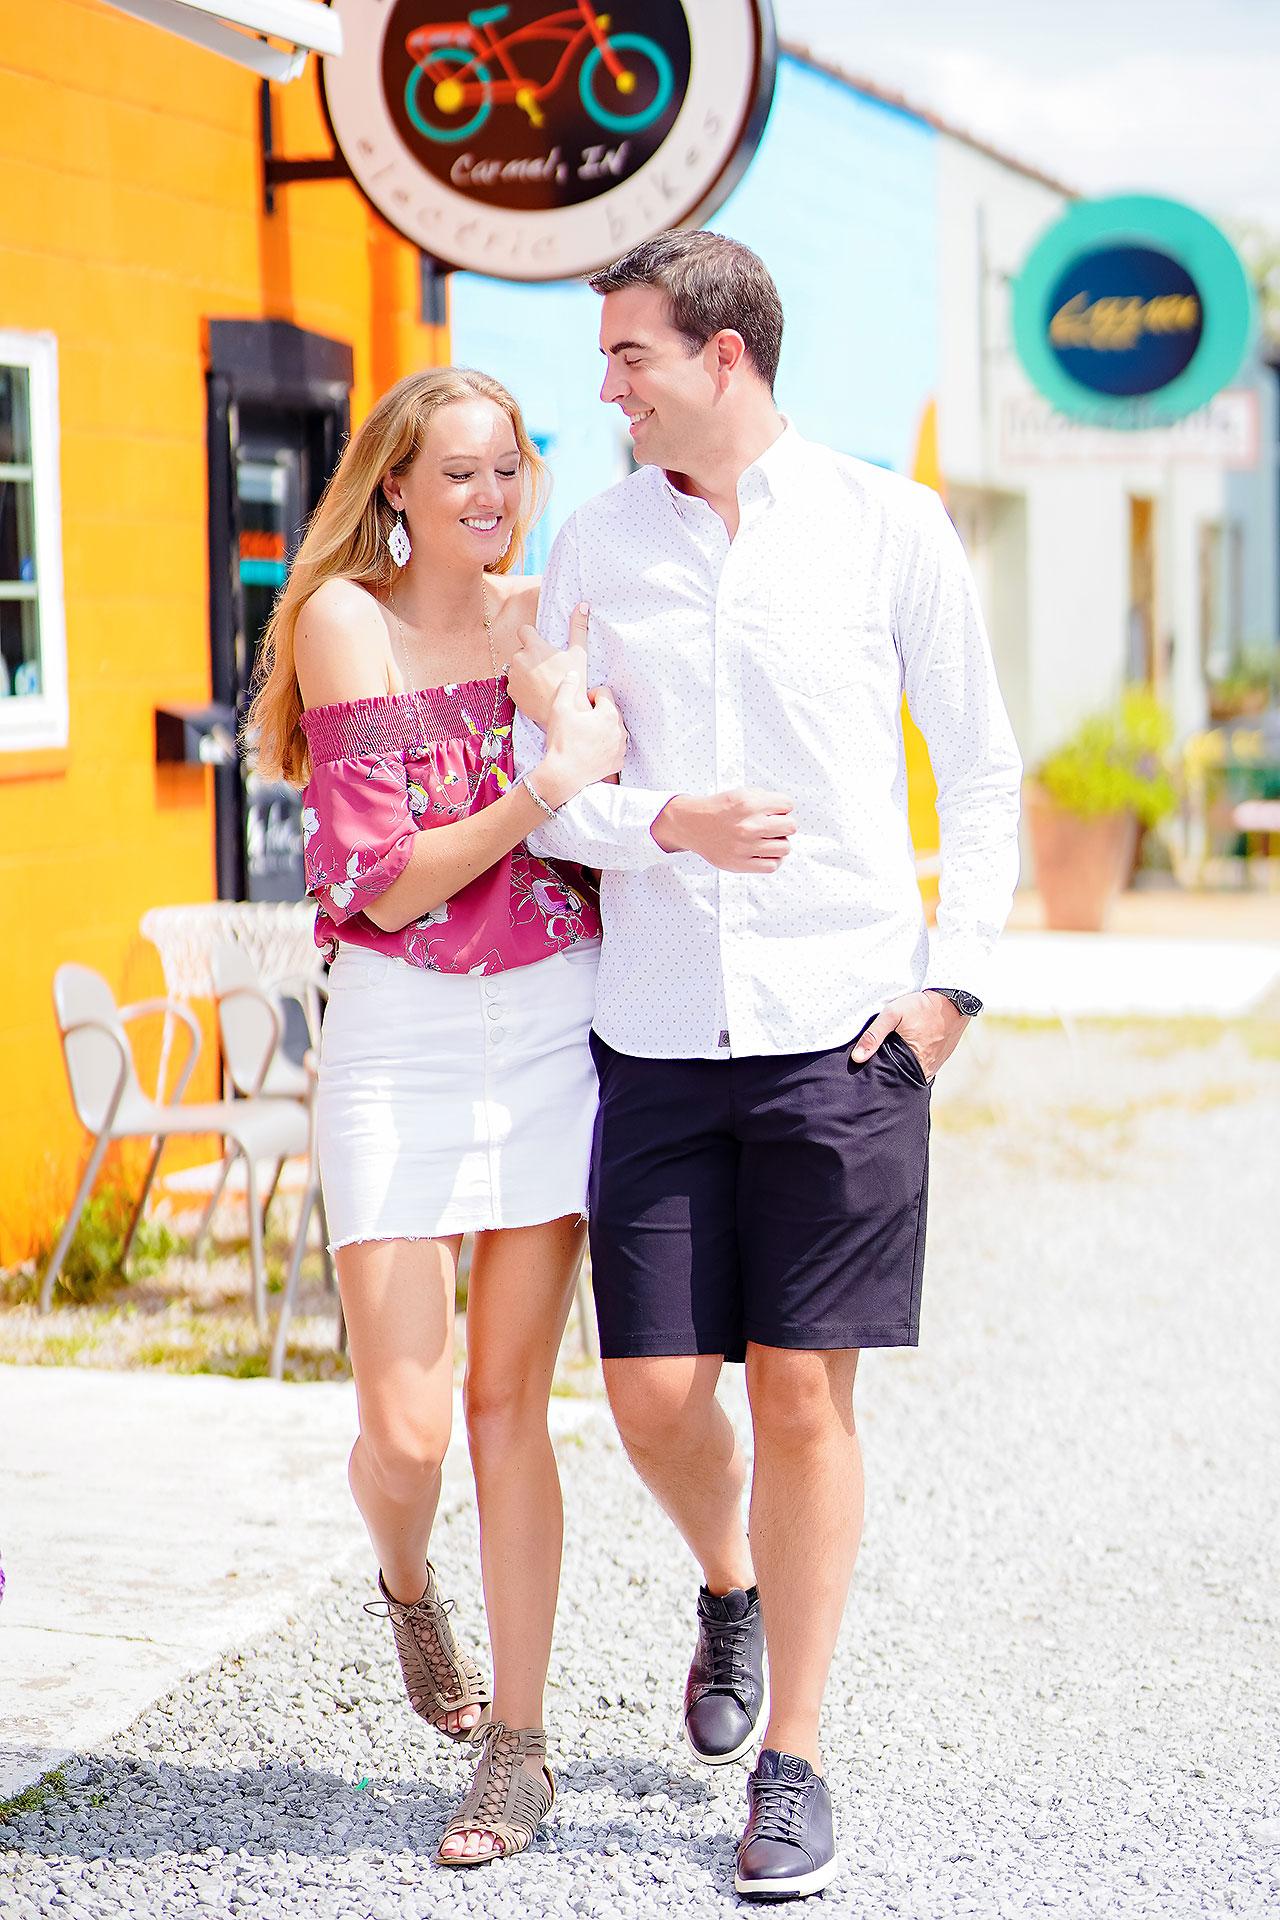 Liz Zach Midtown Carmel Engagement Session 051